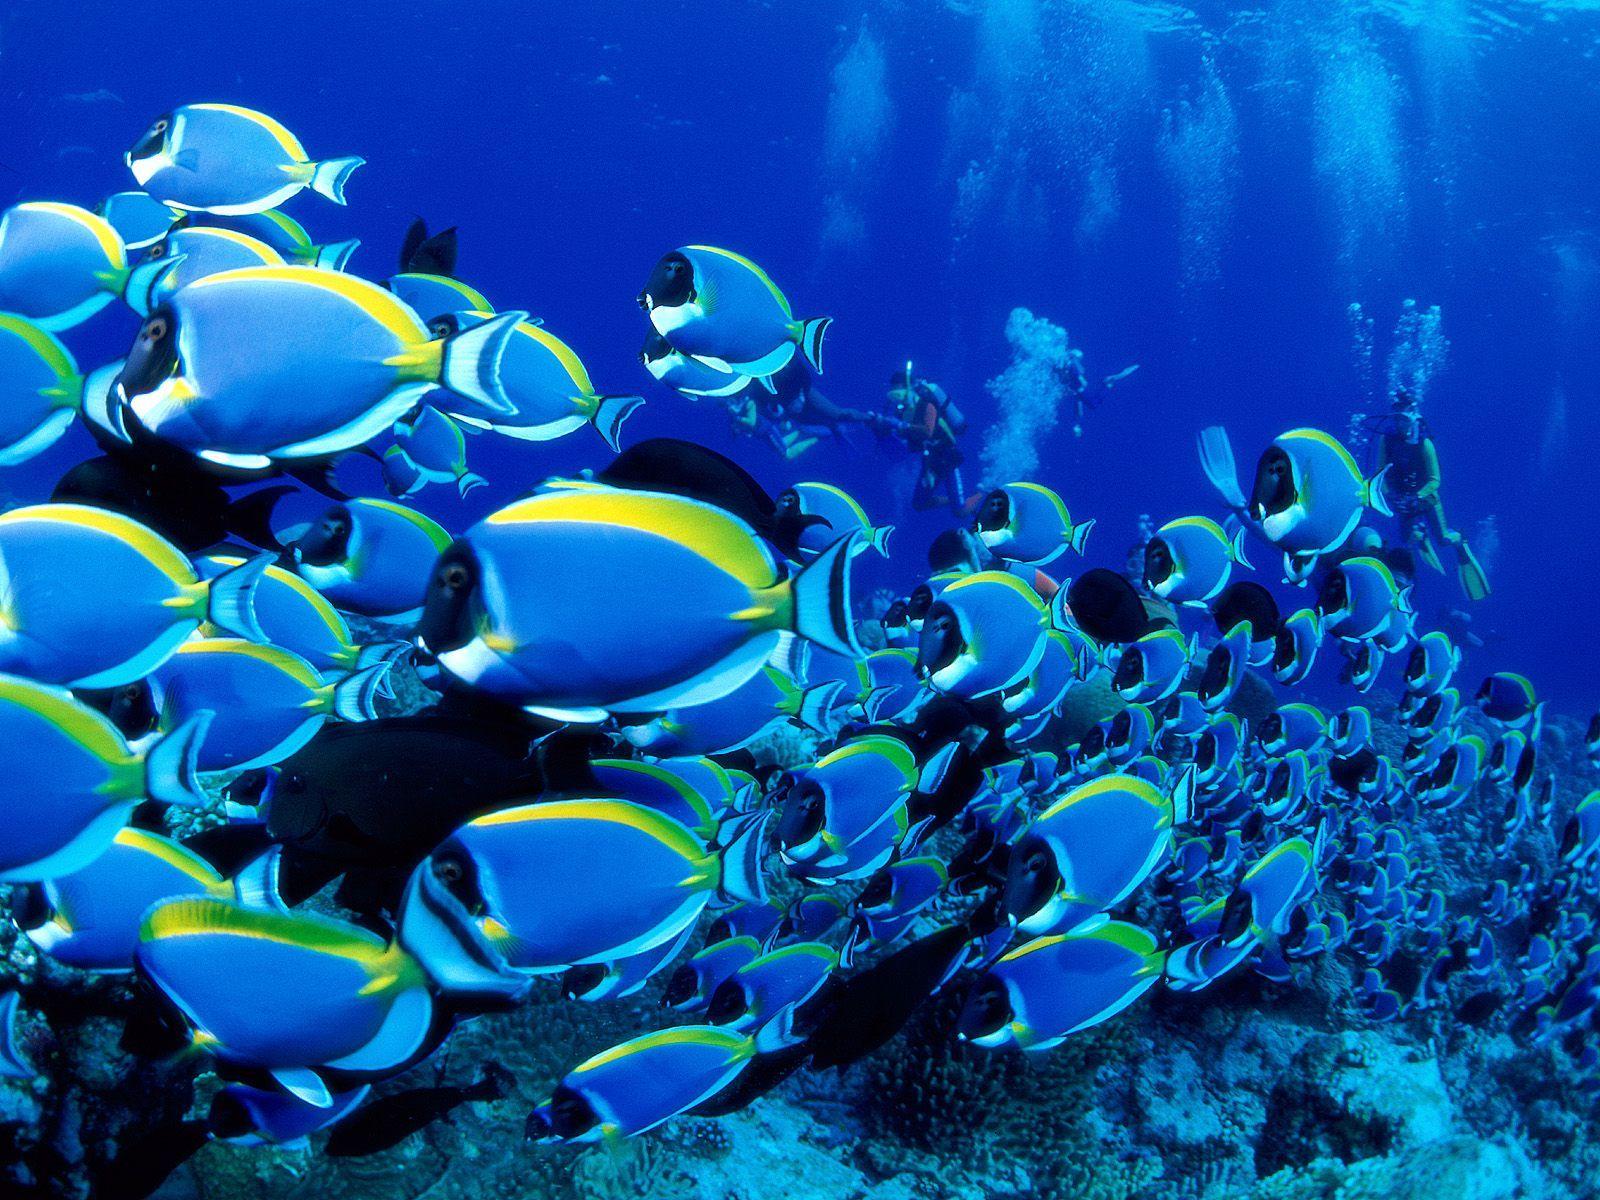 Images Ocean Border Ocean Border Pictures Ocean Wallpaper 1600x1200